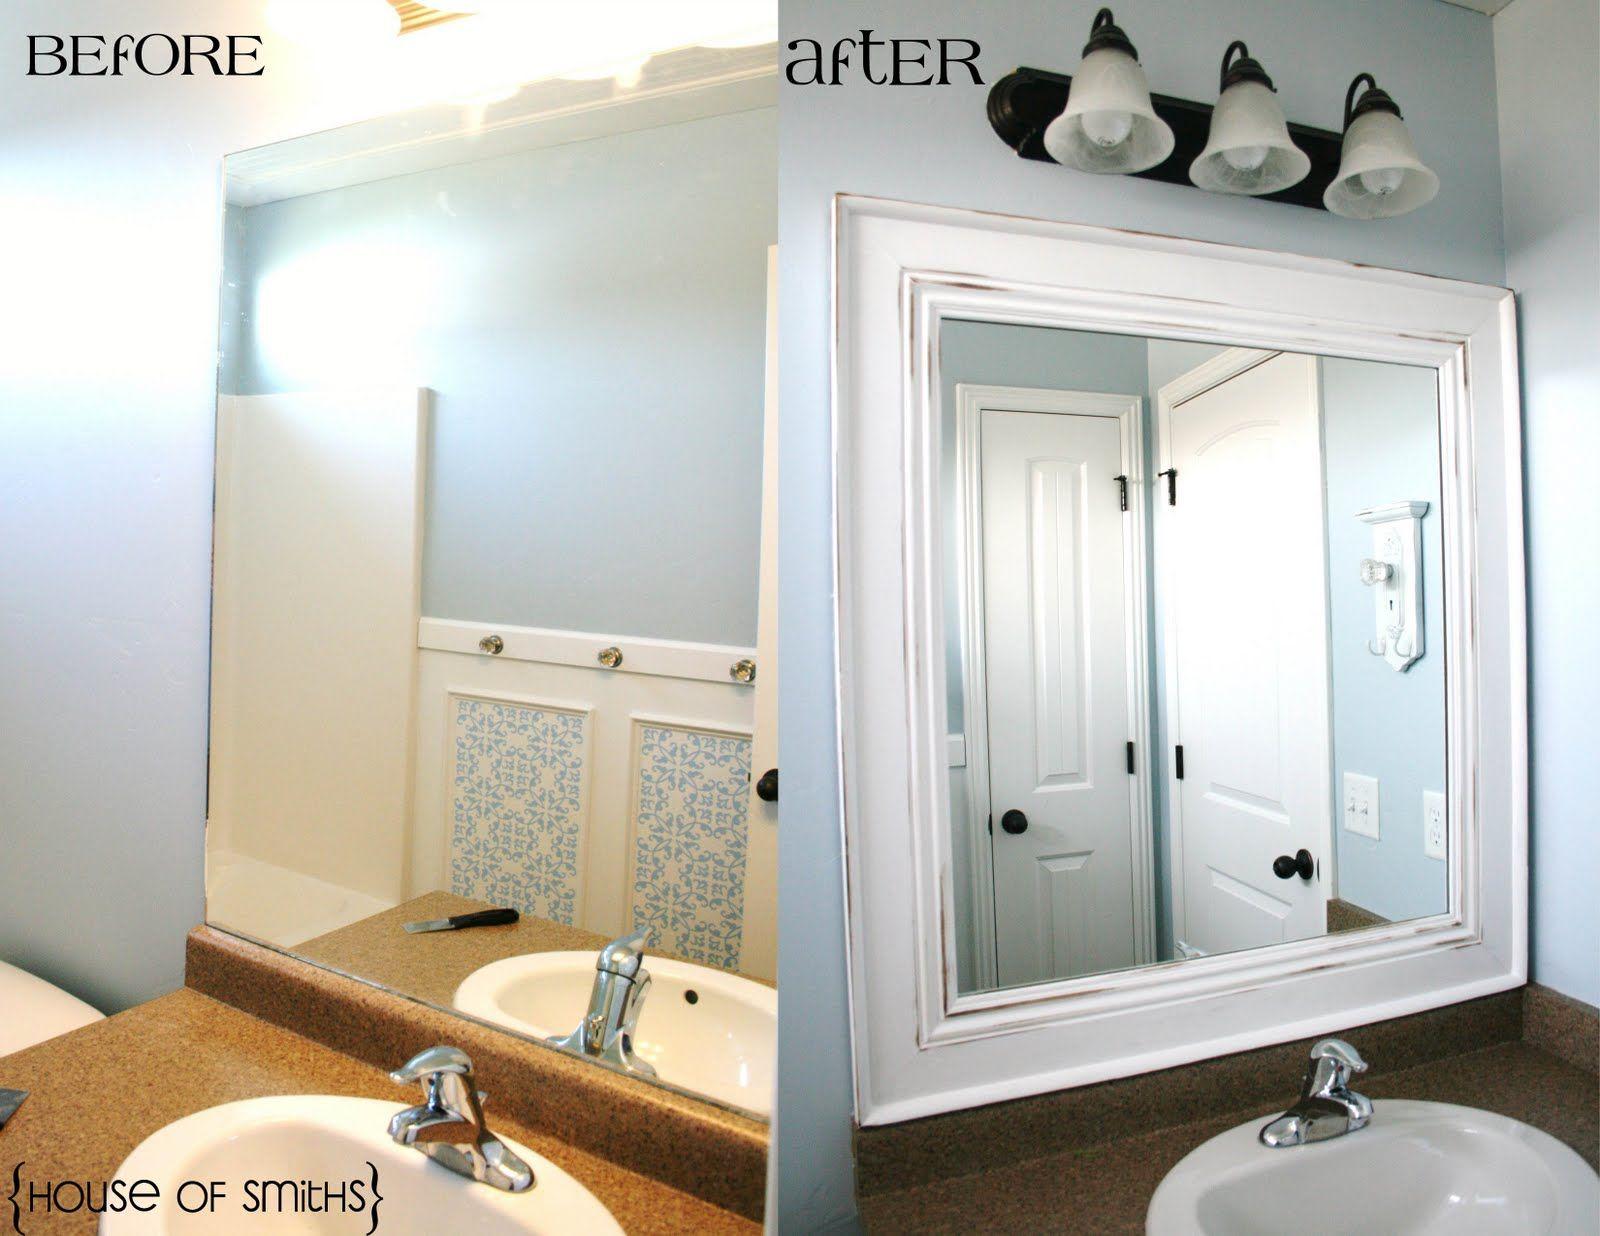 Diy Framed Mirror Tutorial The House Of Smiths Bathroom